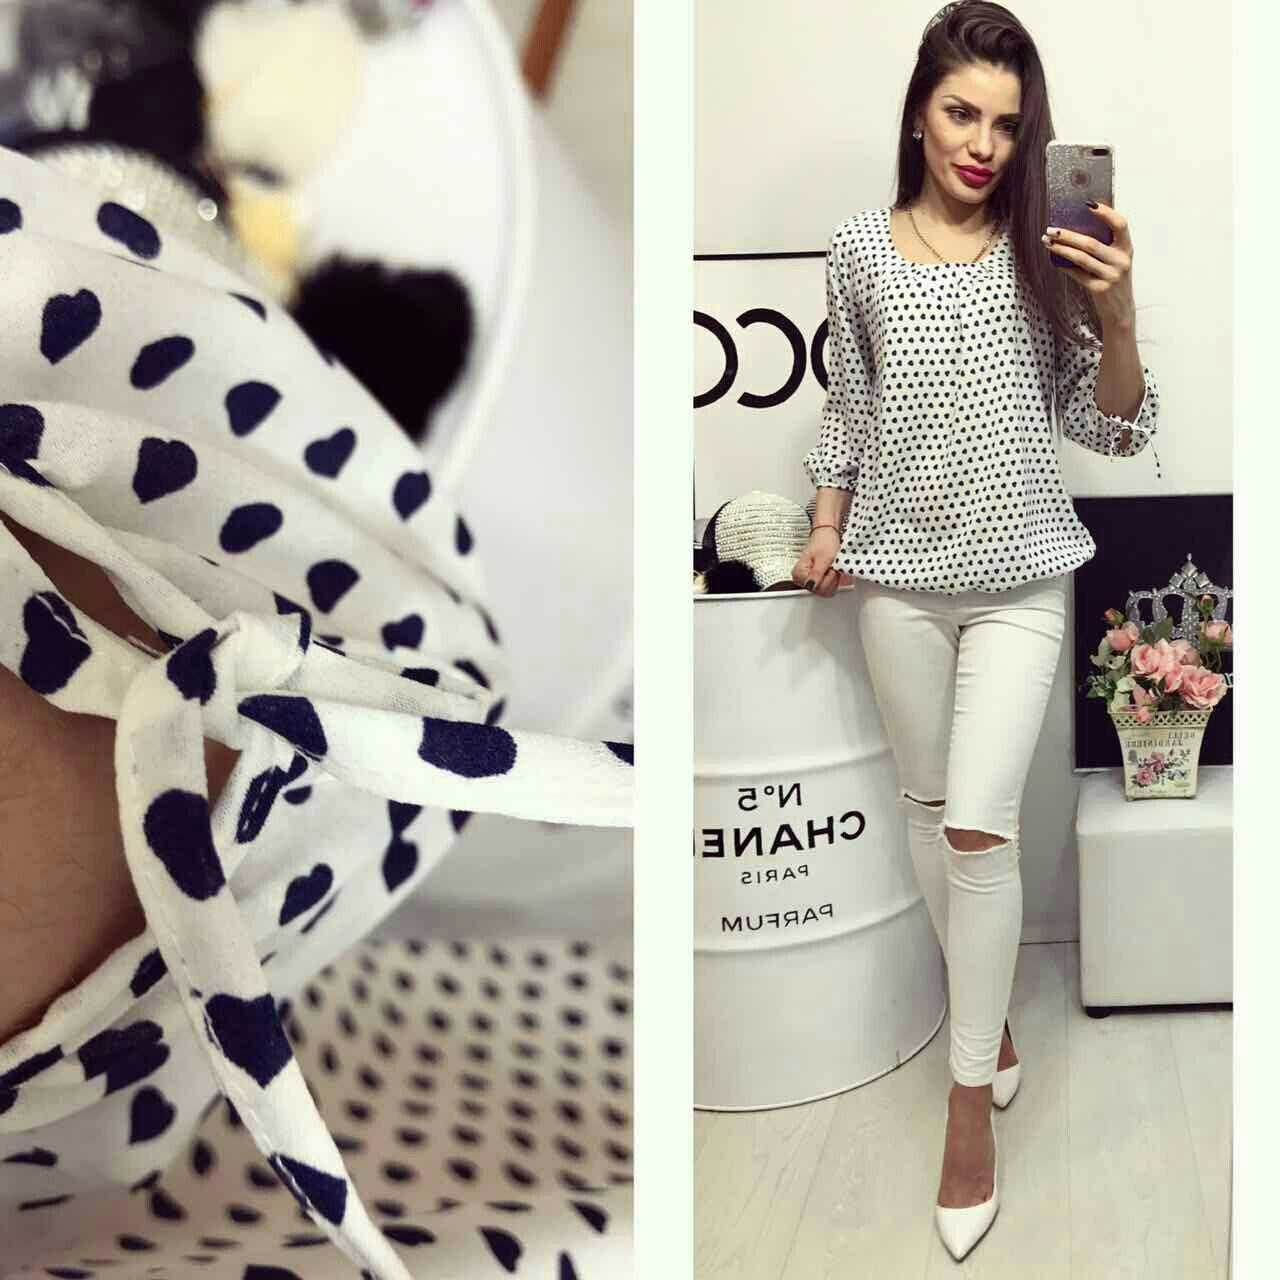 b5990a46b91 Блузка арт 776 белая в сердечко - Интернет магазин женской одежды Khan в  Одессе